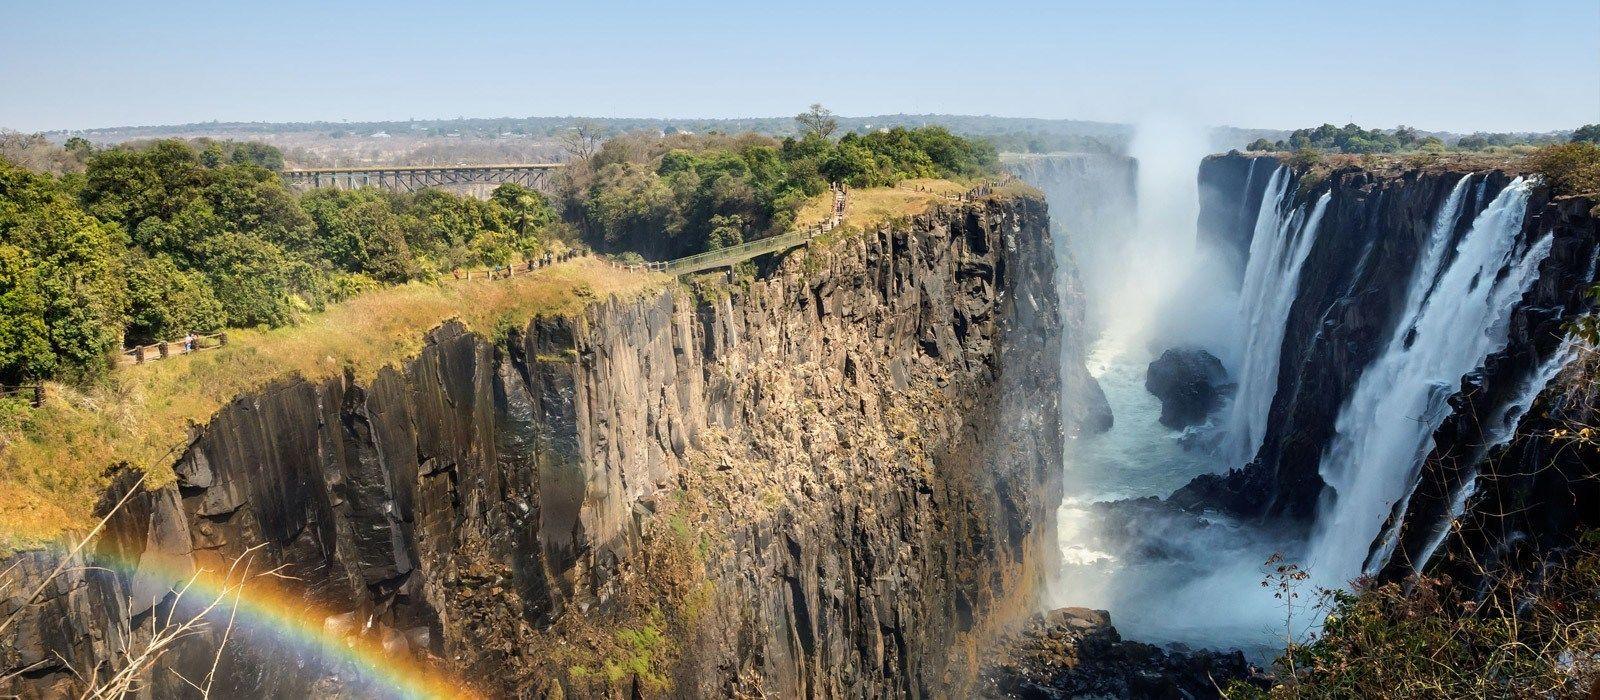 Naturreise in Simbabwe & Botswana: Wasserfälle & Wasserwege Urlaub 2